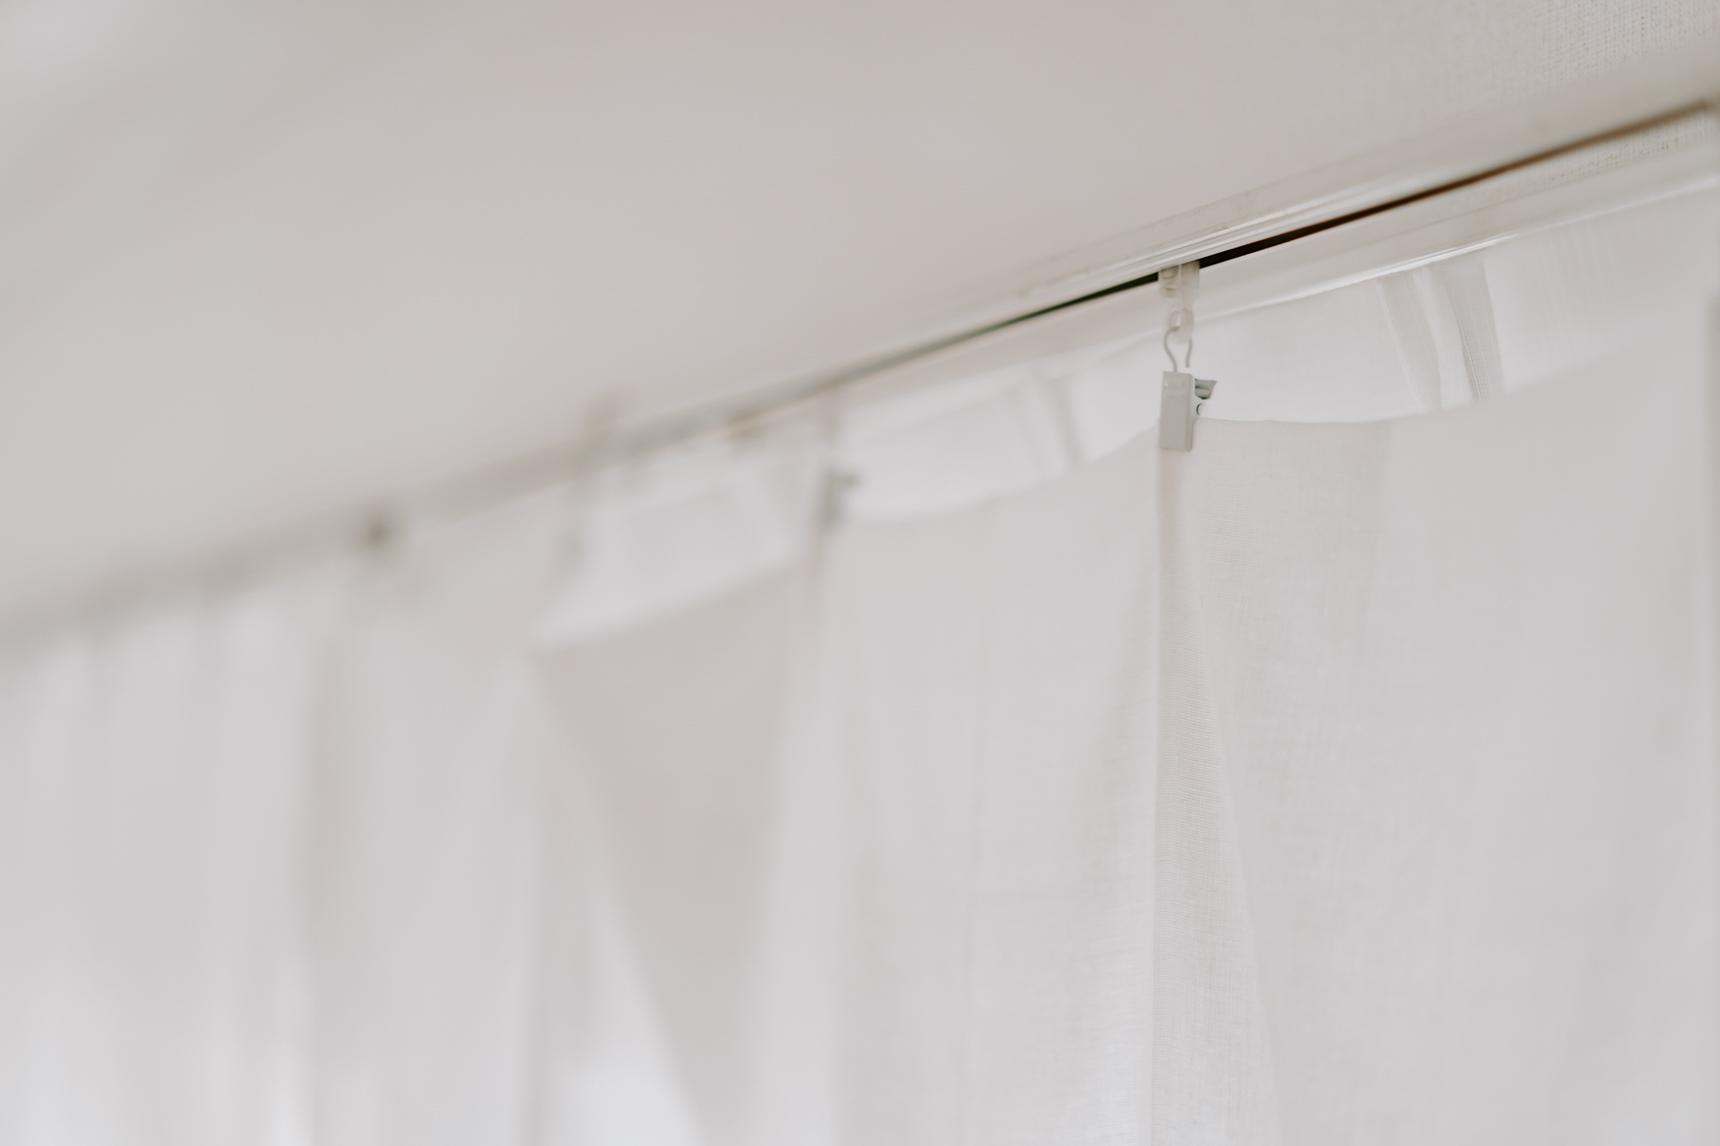 カーテンは真っ白でシンプルに。ユザワヤで買った布にタックを寄せながらクリップで止めただけ。